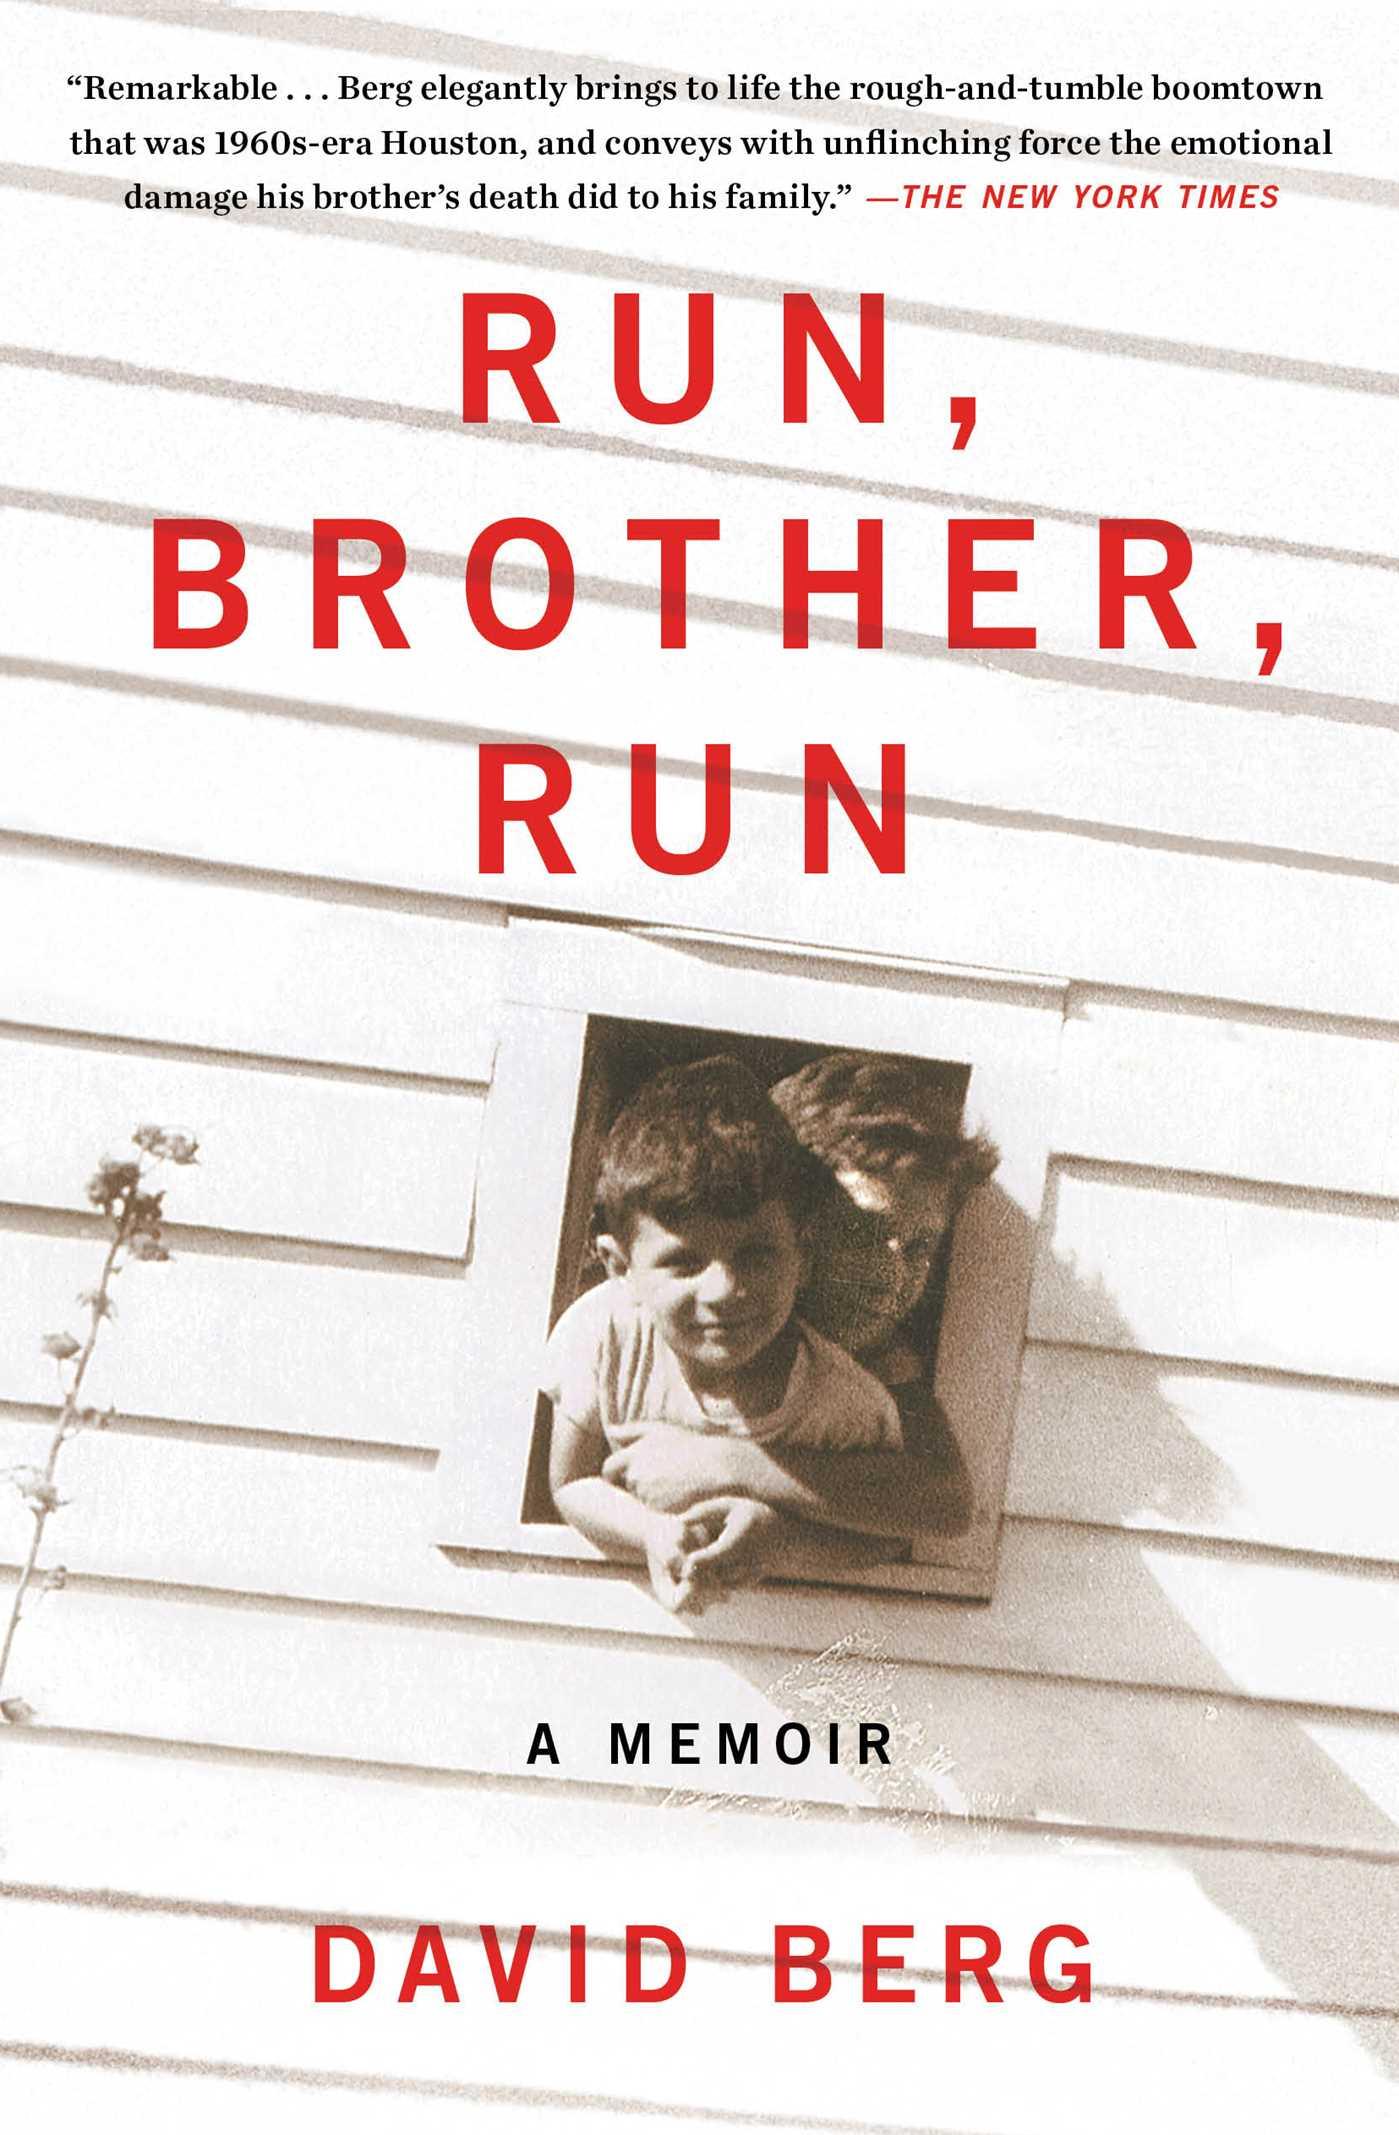 Run brother run 9781476717050 hr